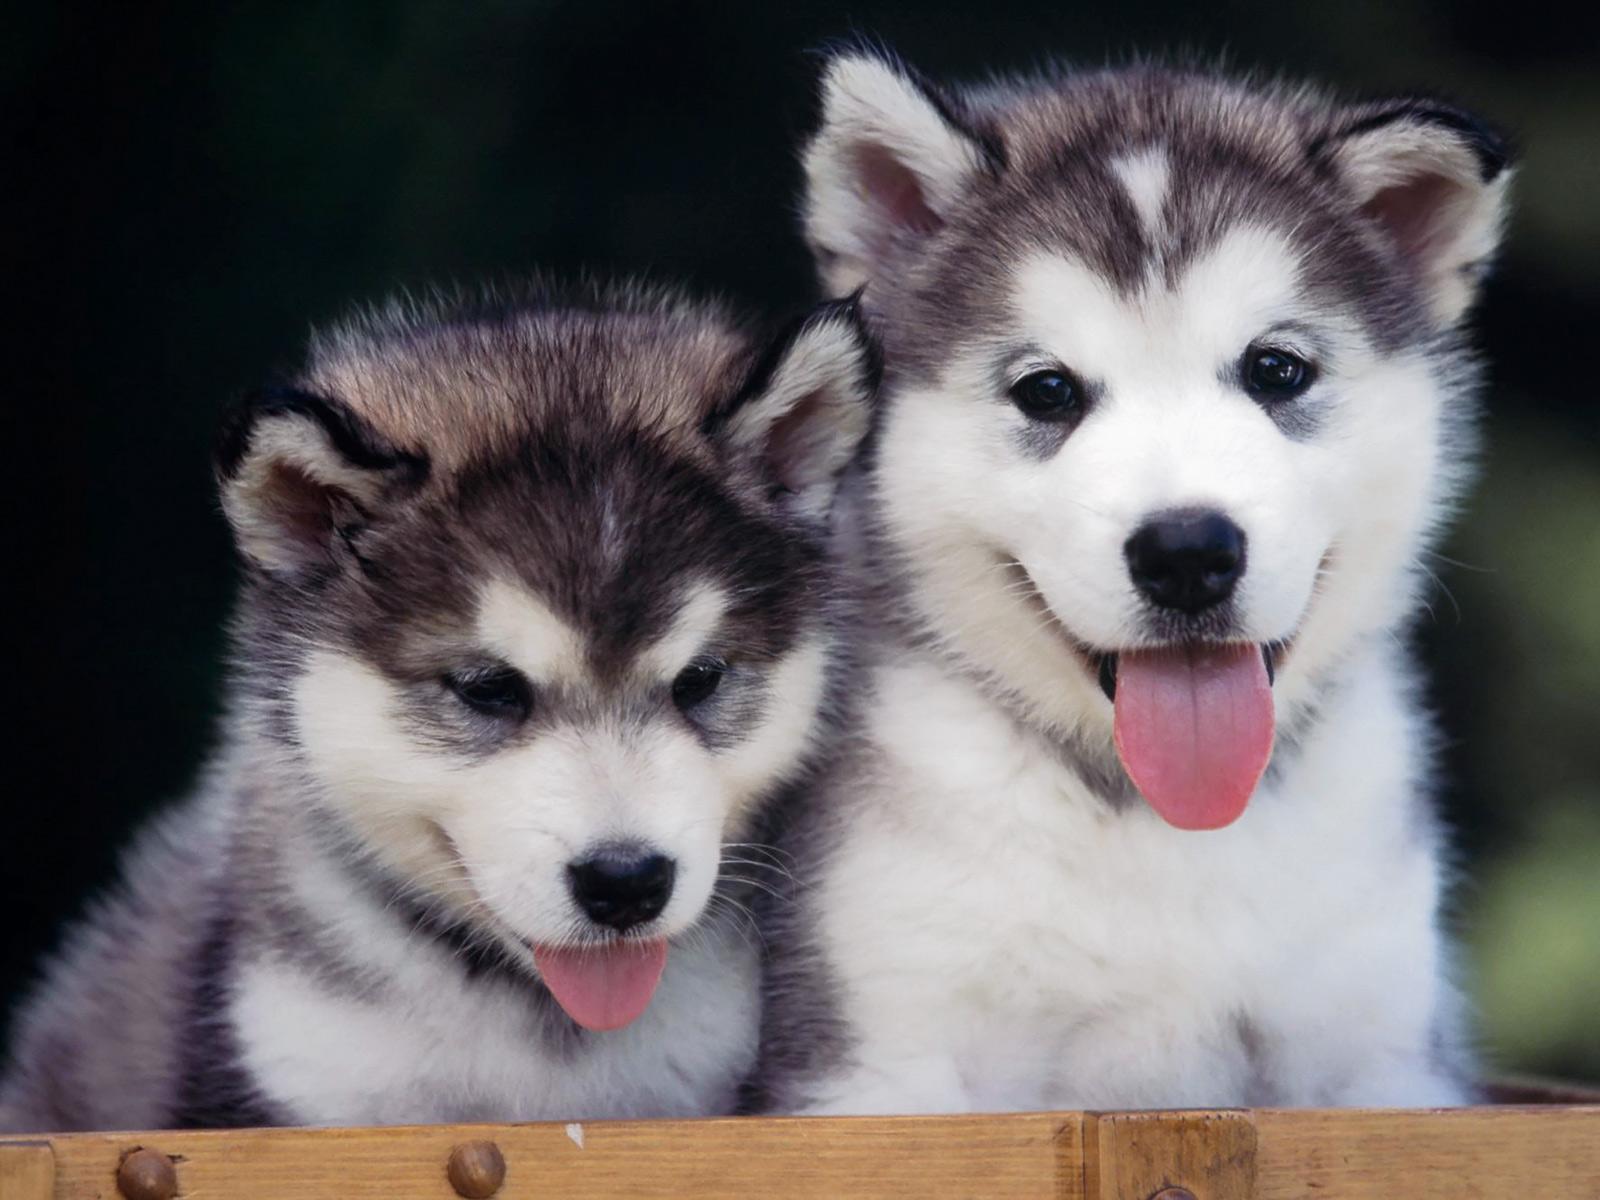 Schweizerischer Niederlaufhund Puppies: Schweizerischer Siberian Husky Puppies Breed